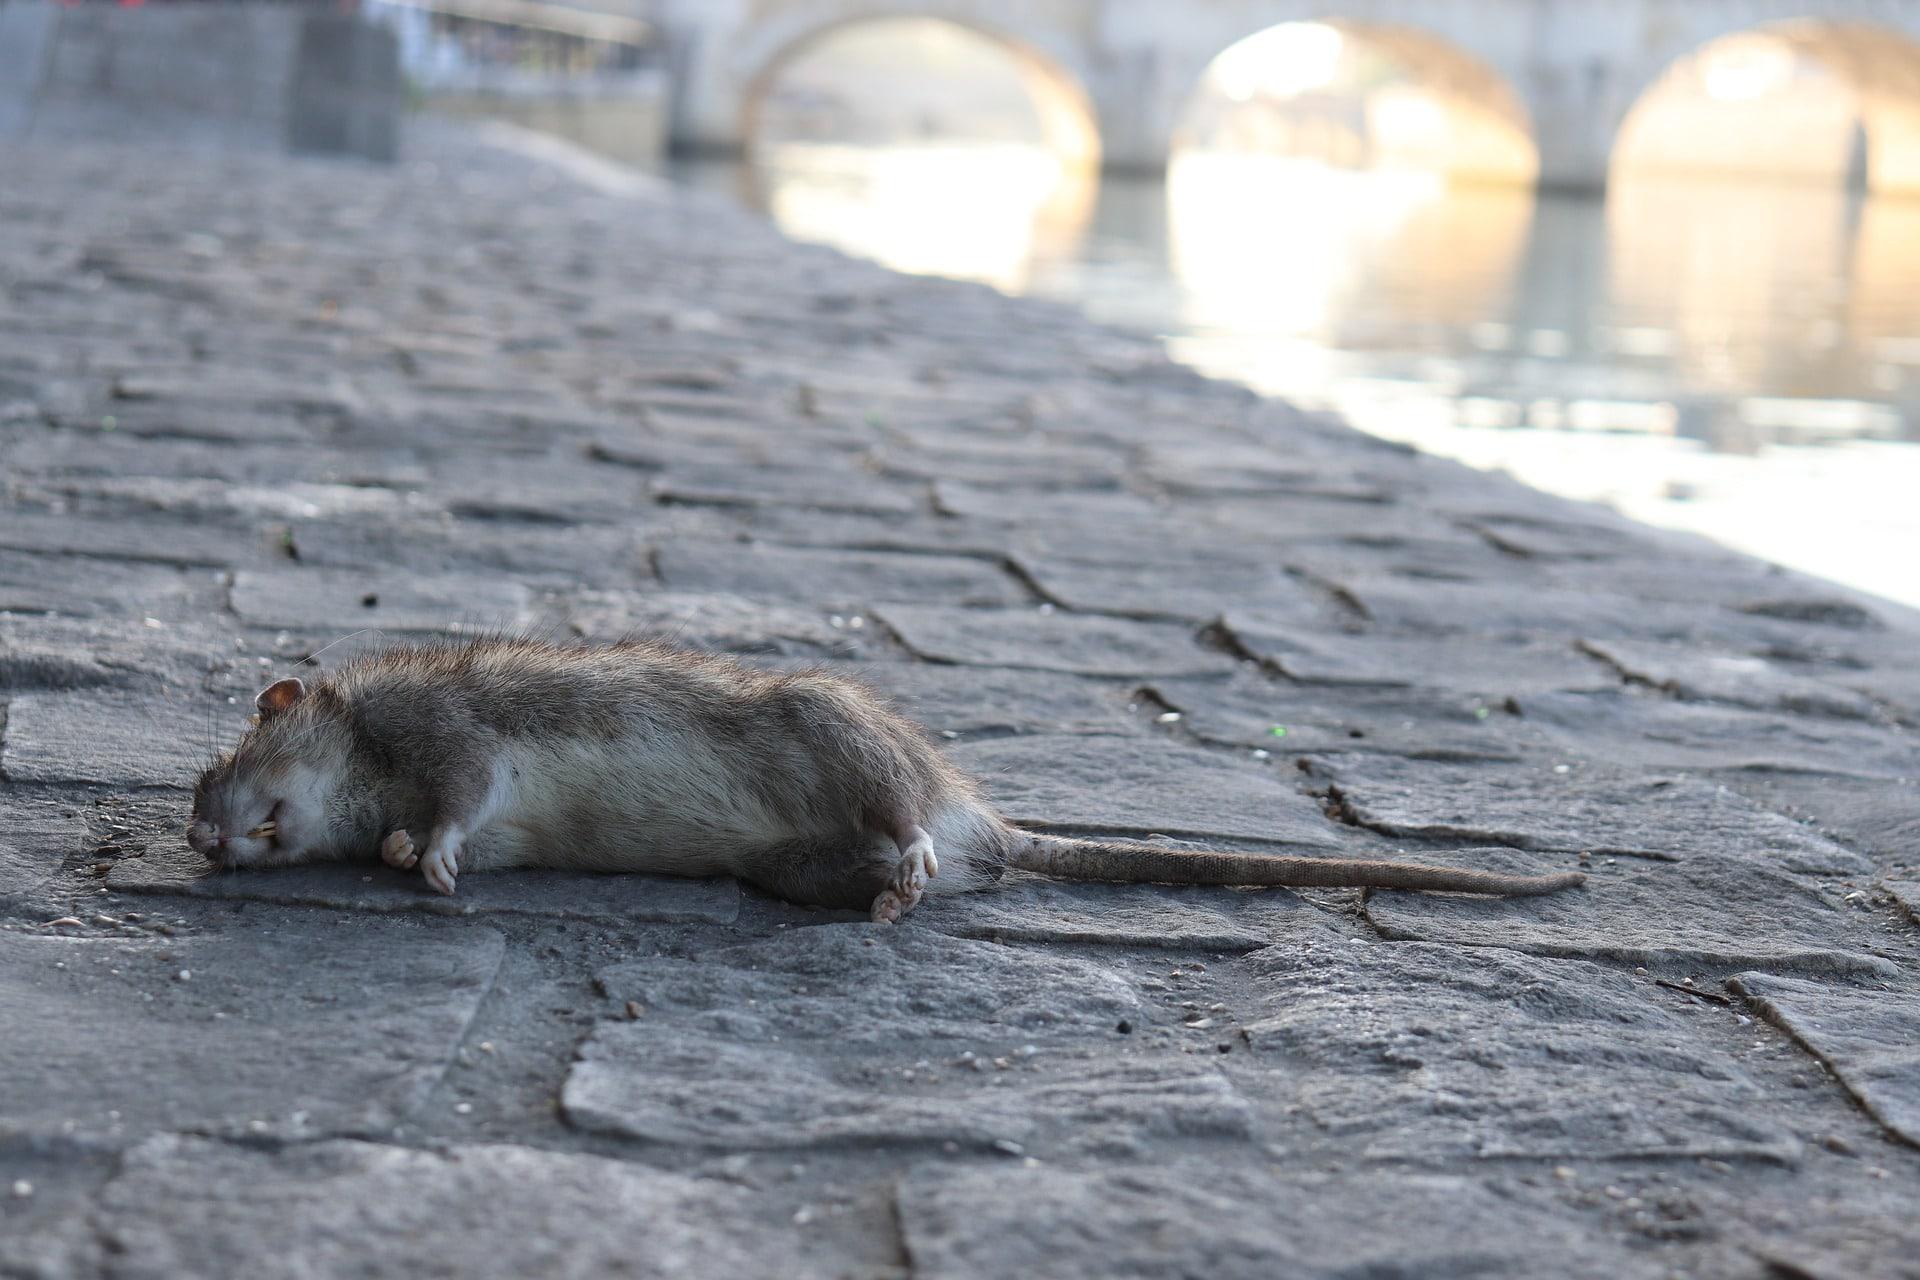 Comment les Rats Entrent dans une Maison